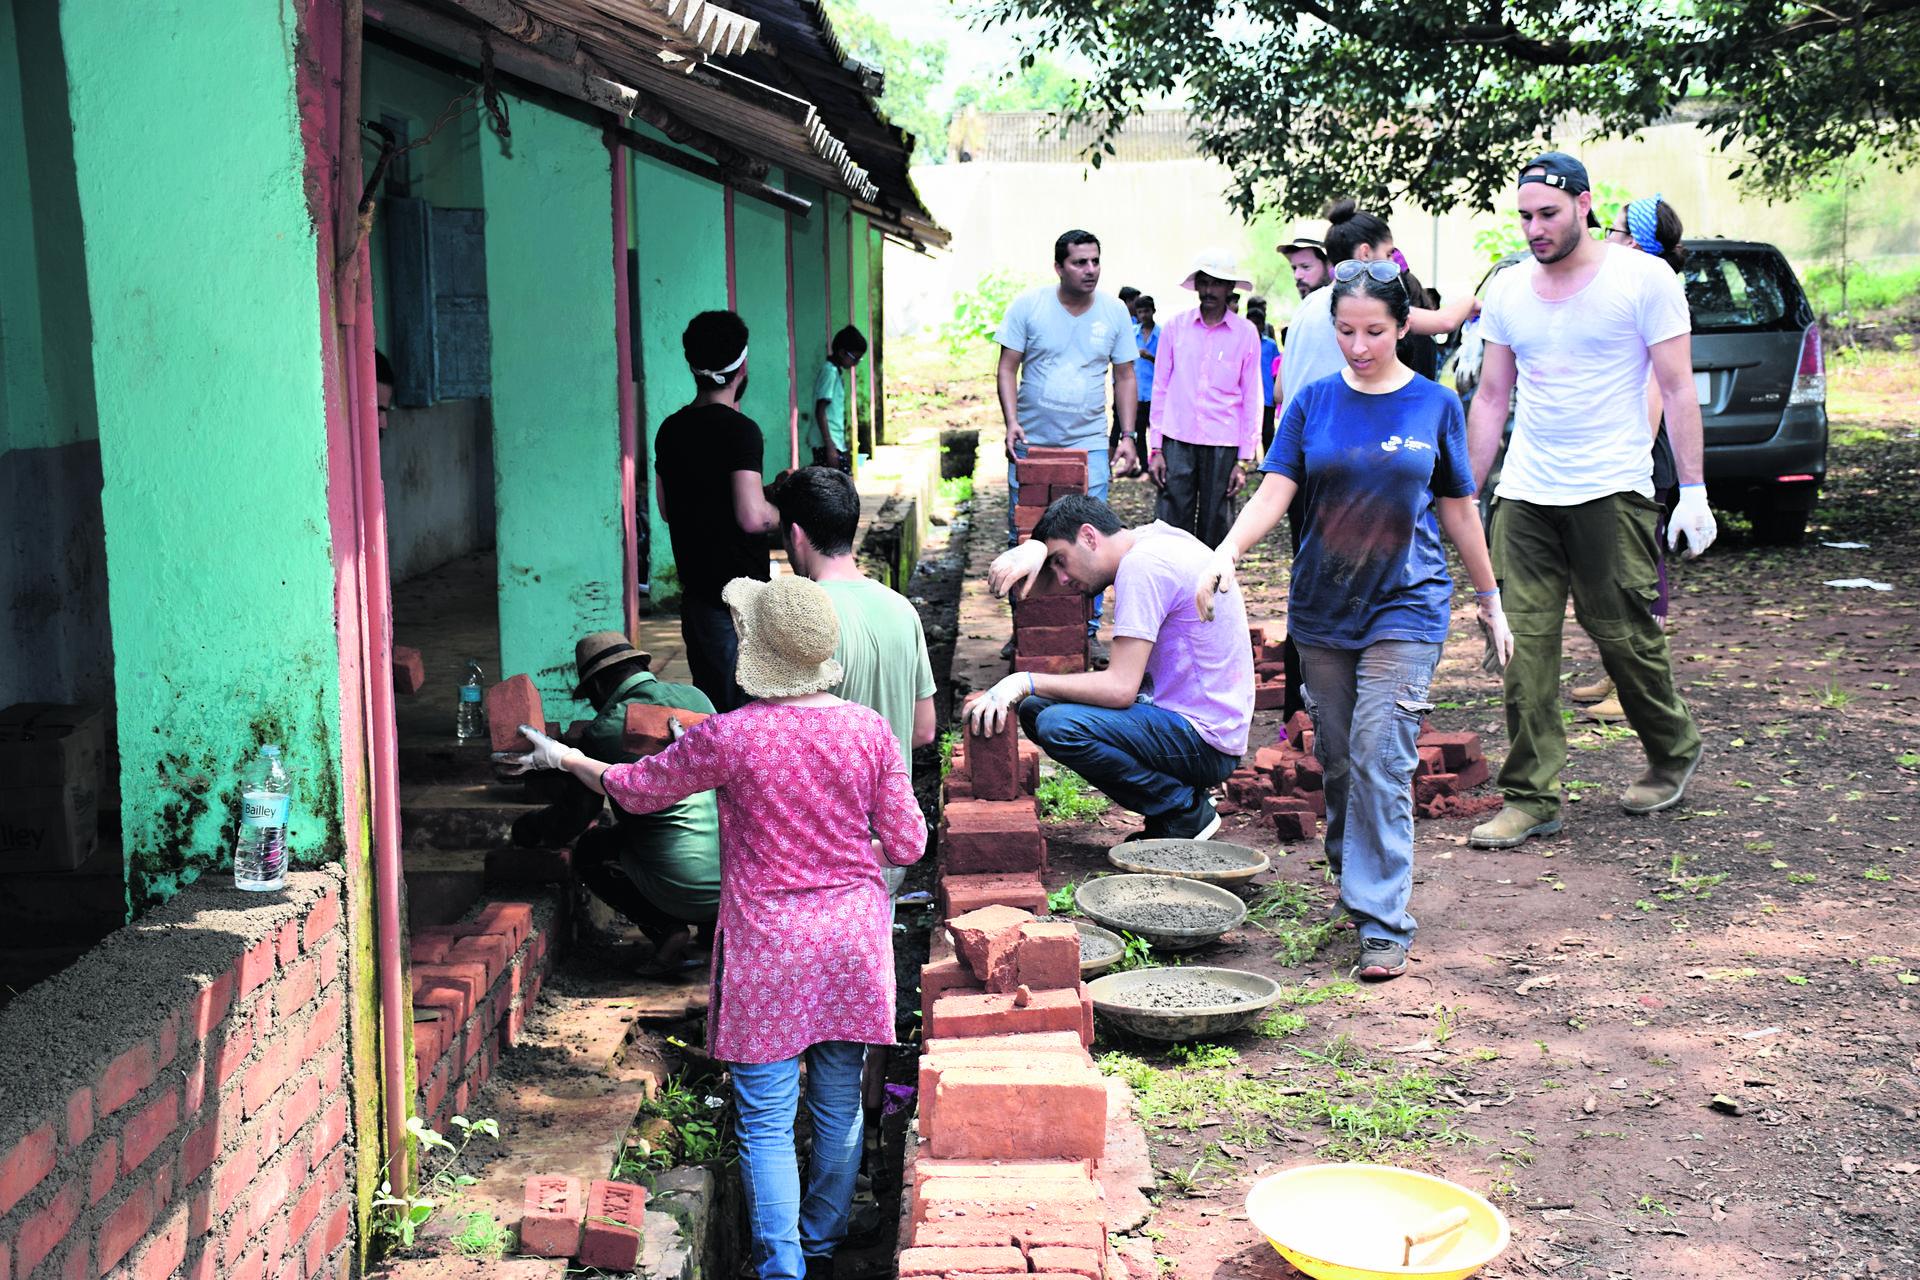 הסטודנטים מסייעים למקומיים בשיפוץ בית הספר בכפר קרג'ט